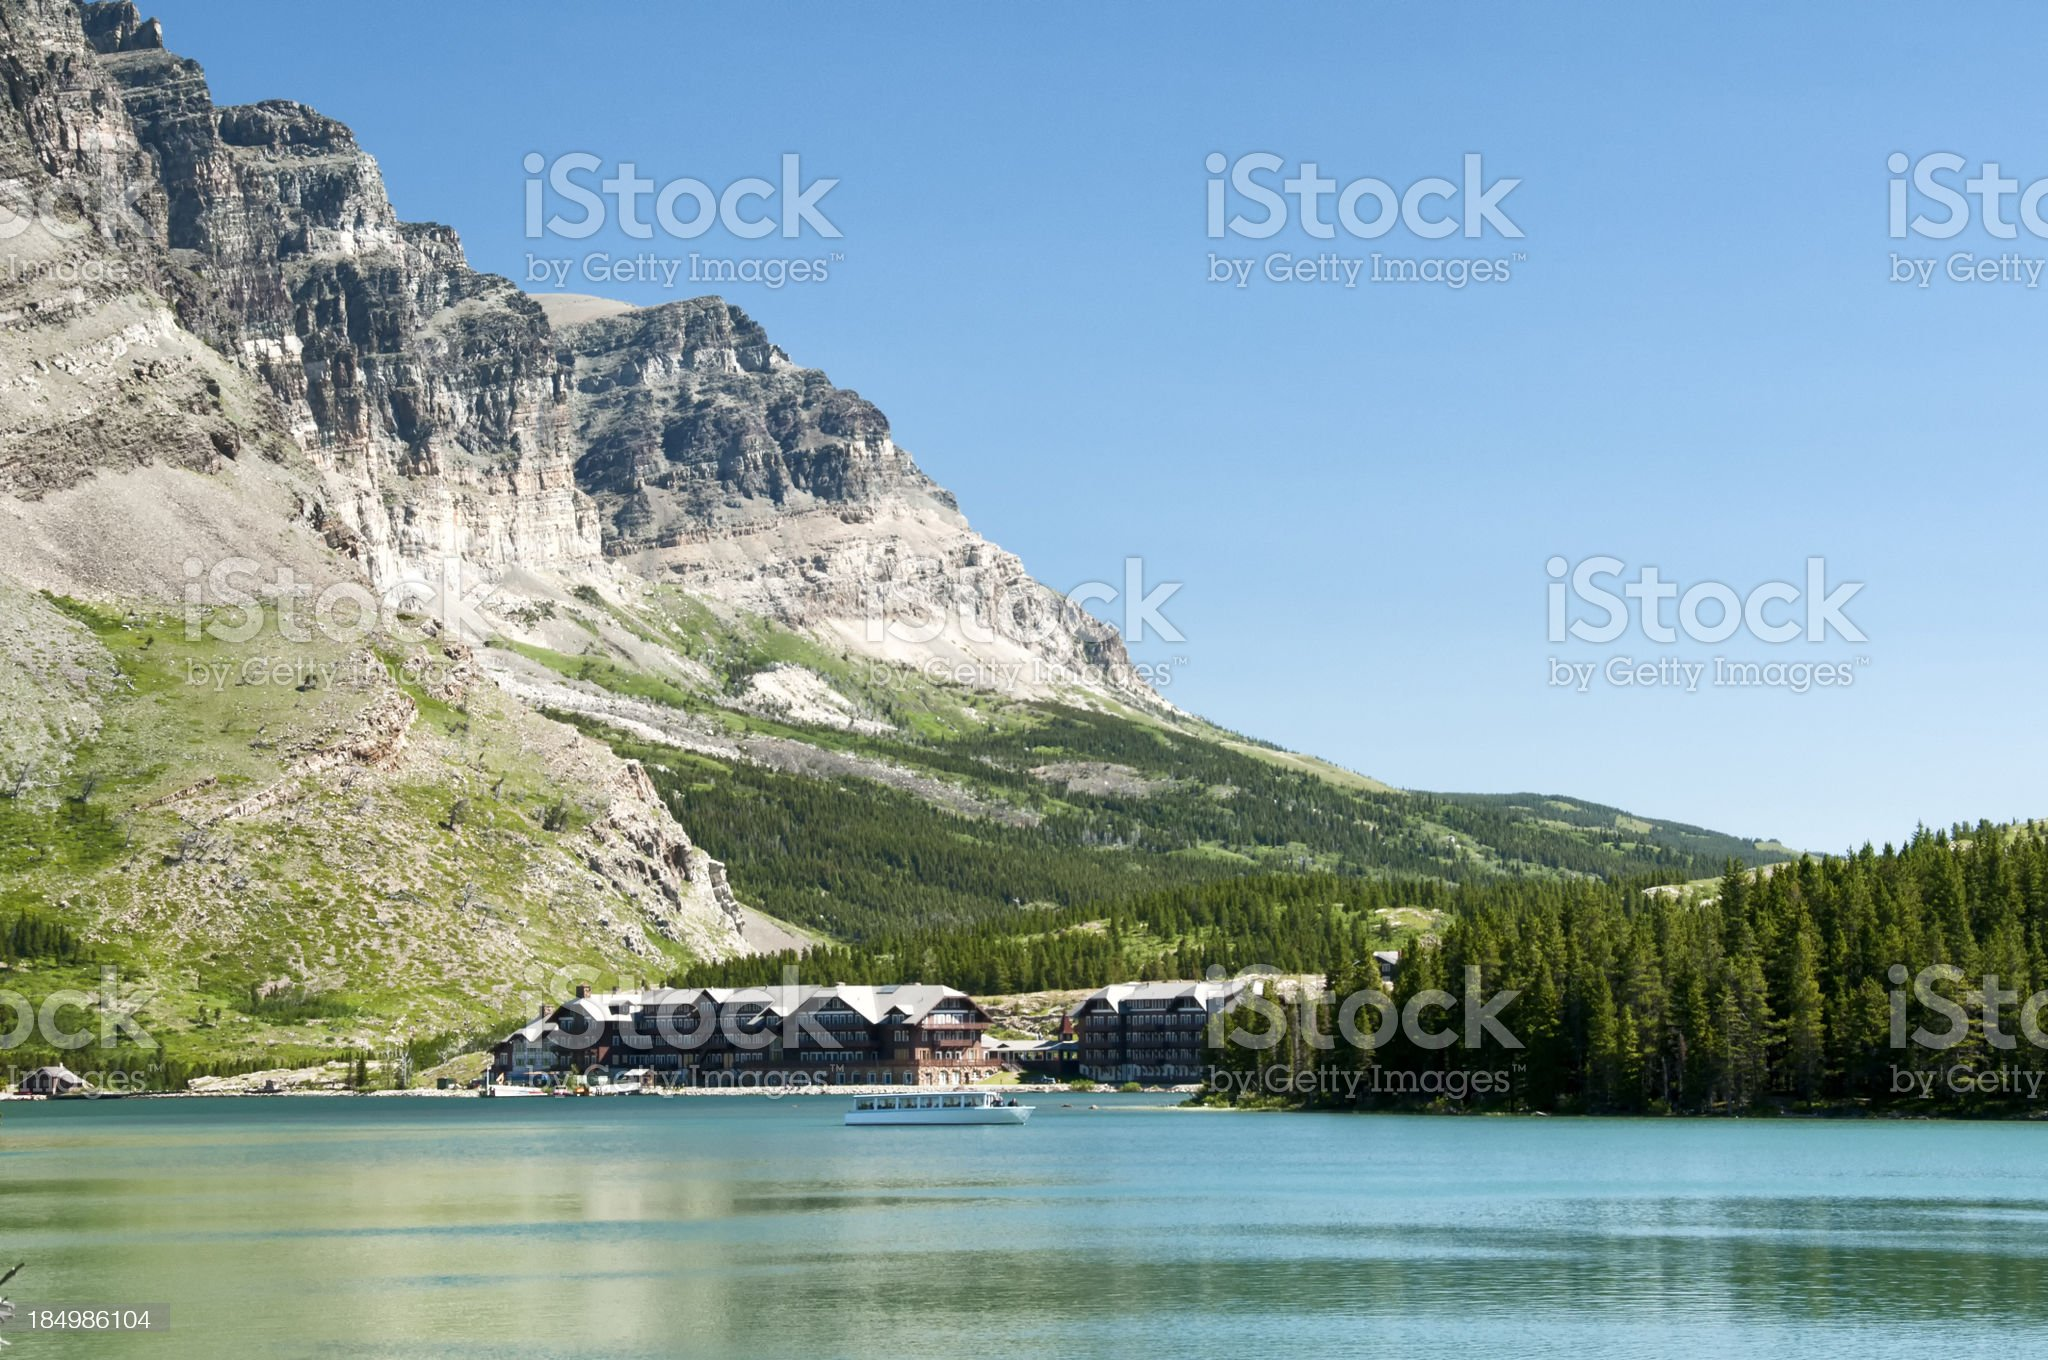 Many Glacier Hotel royalty-free stock photo